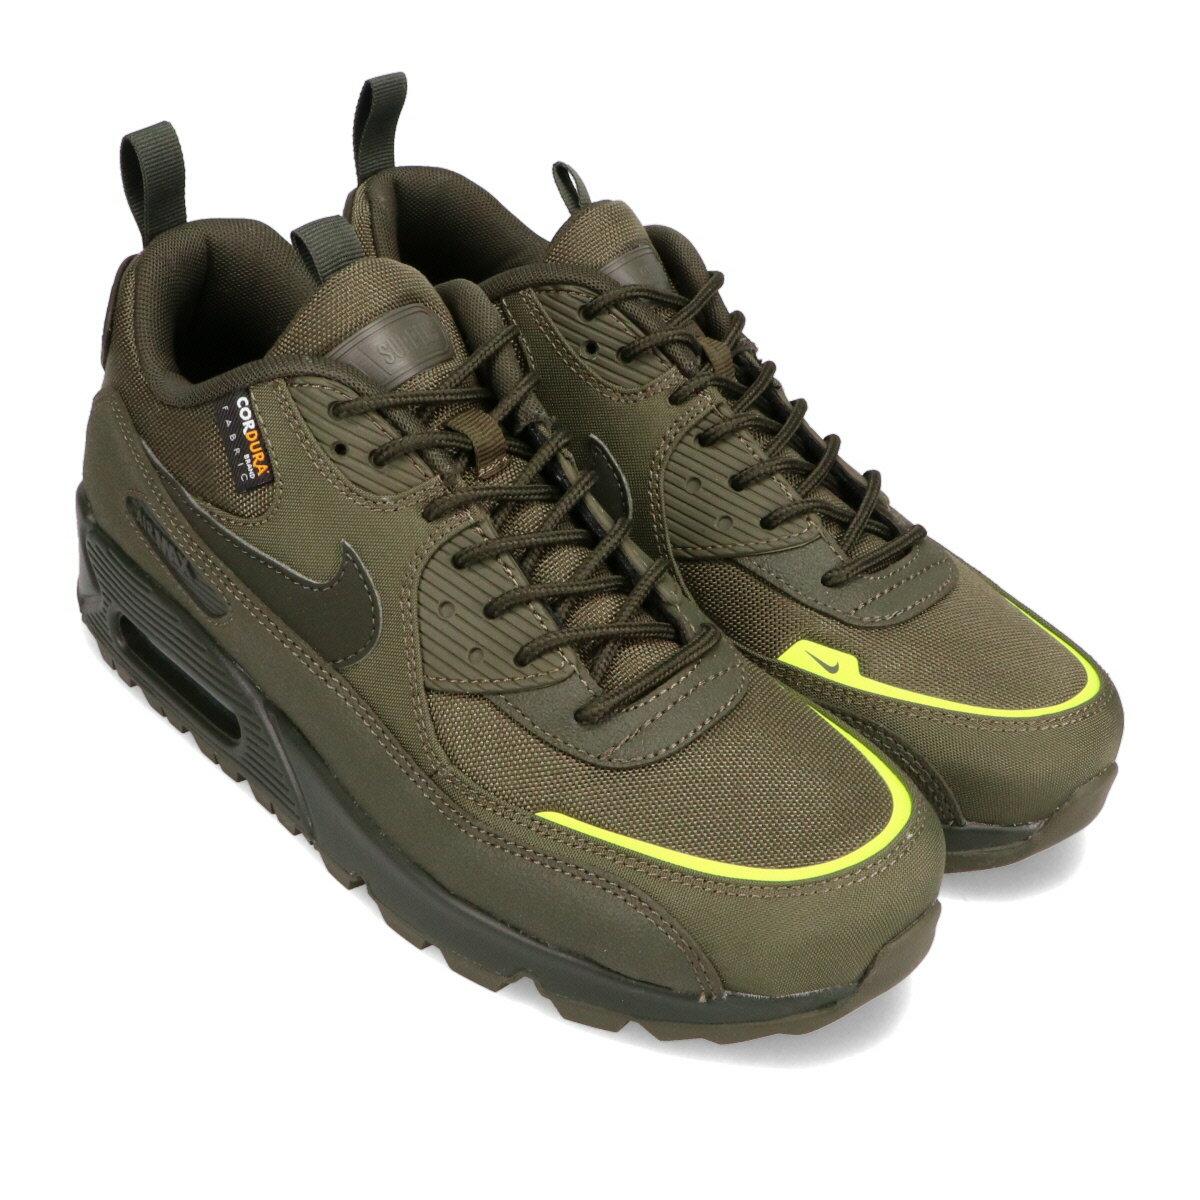 メンズ靴, スニーカー NIKE AIRMAX90 SURPLUS( 90 )CARGO KHAKISEQUOIA-LEMON VENOM 20HO-I